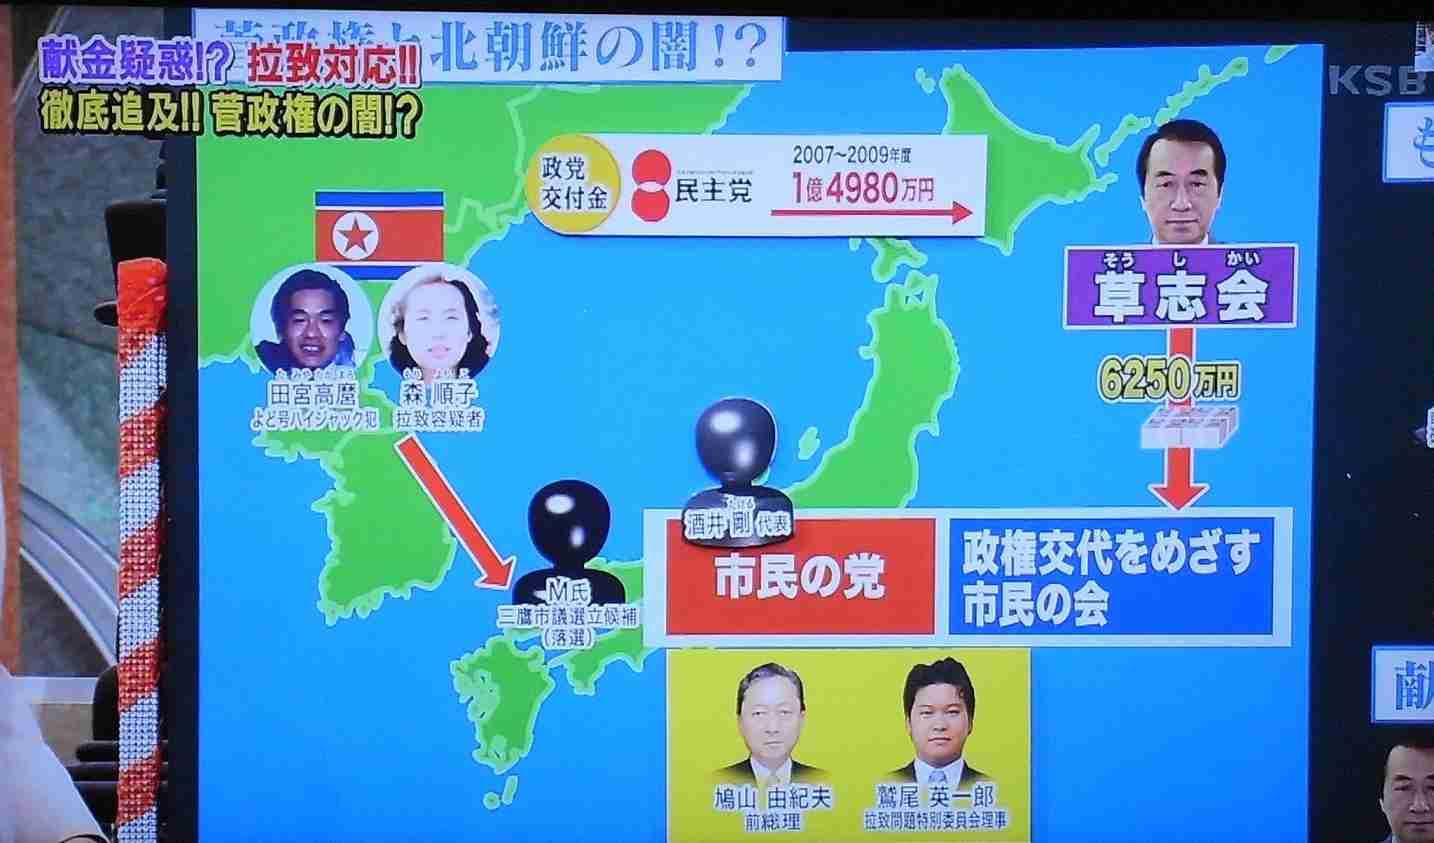 民主党は北朝鮮のフロント組織?菅直人、鳩山由紀夫らが北朝鮮拉致実行犯の息子を擁立した団体に献金疑惑 会員番号4153番